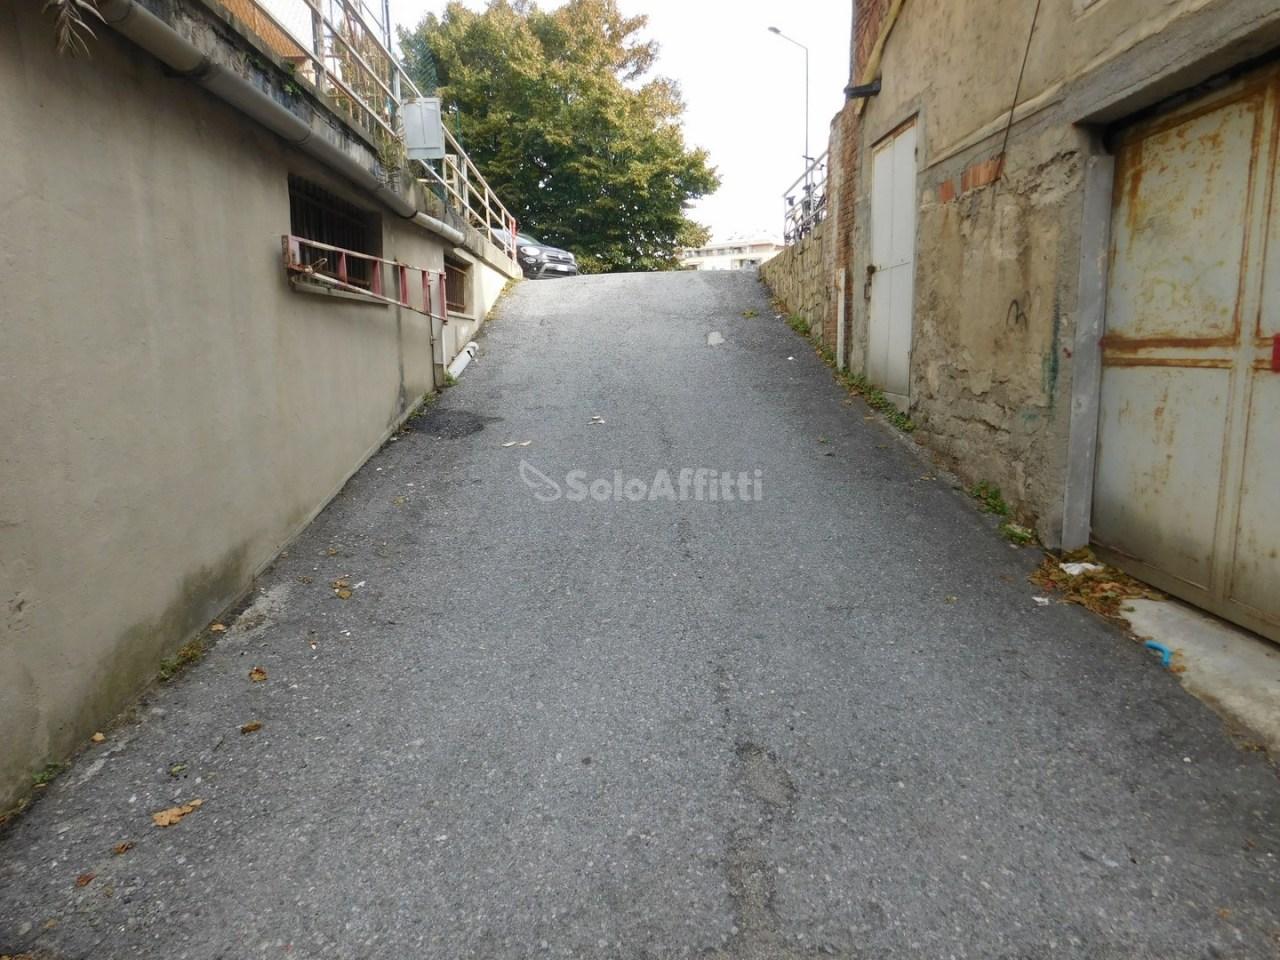 Magazzino in affitto a Savona, 1 locali, prezzo € 700 | PortaleAgenzieImmobiliari.it